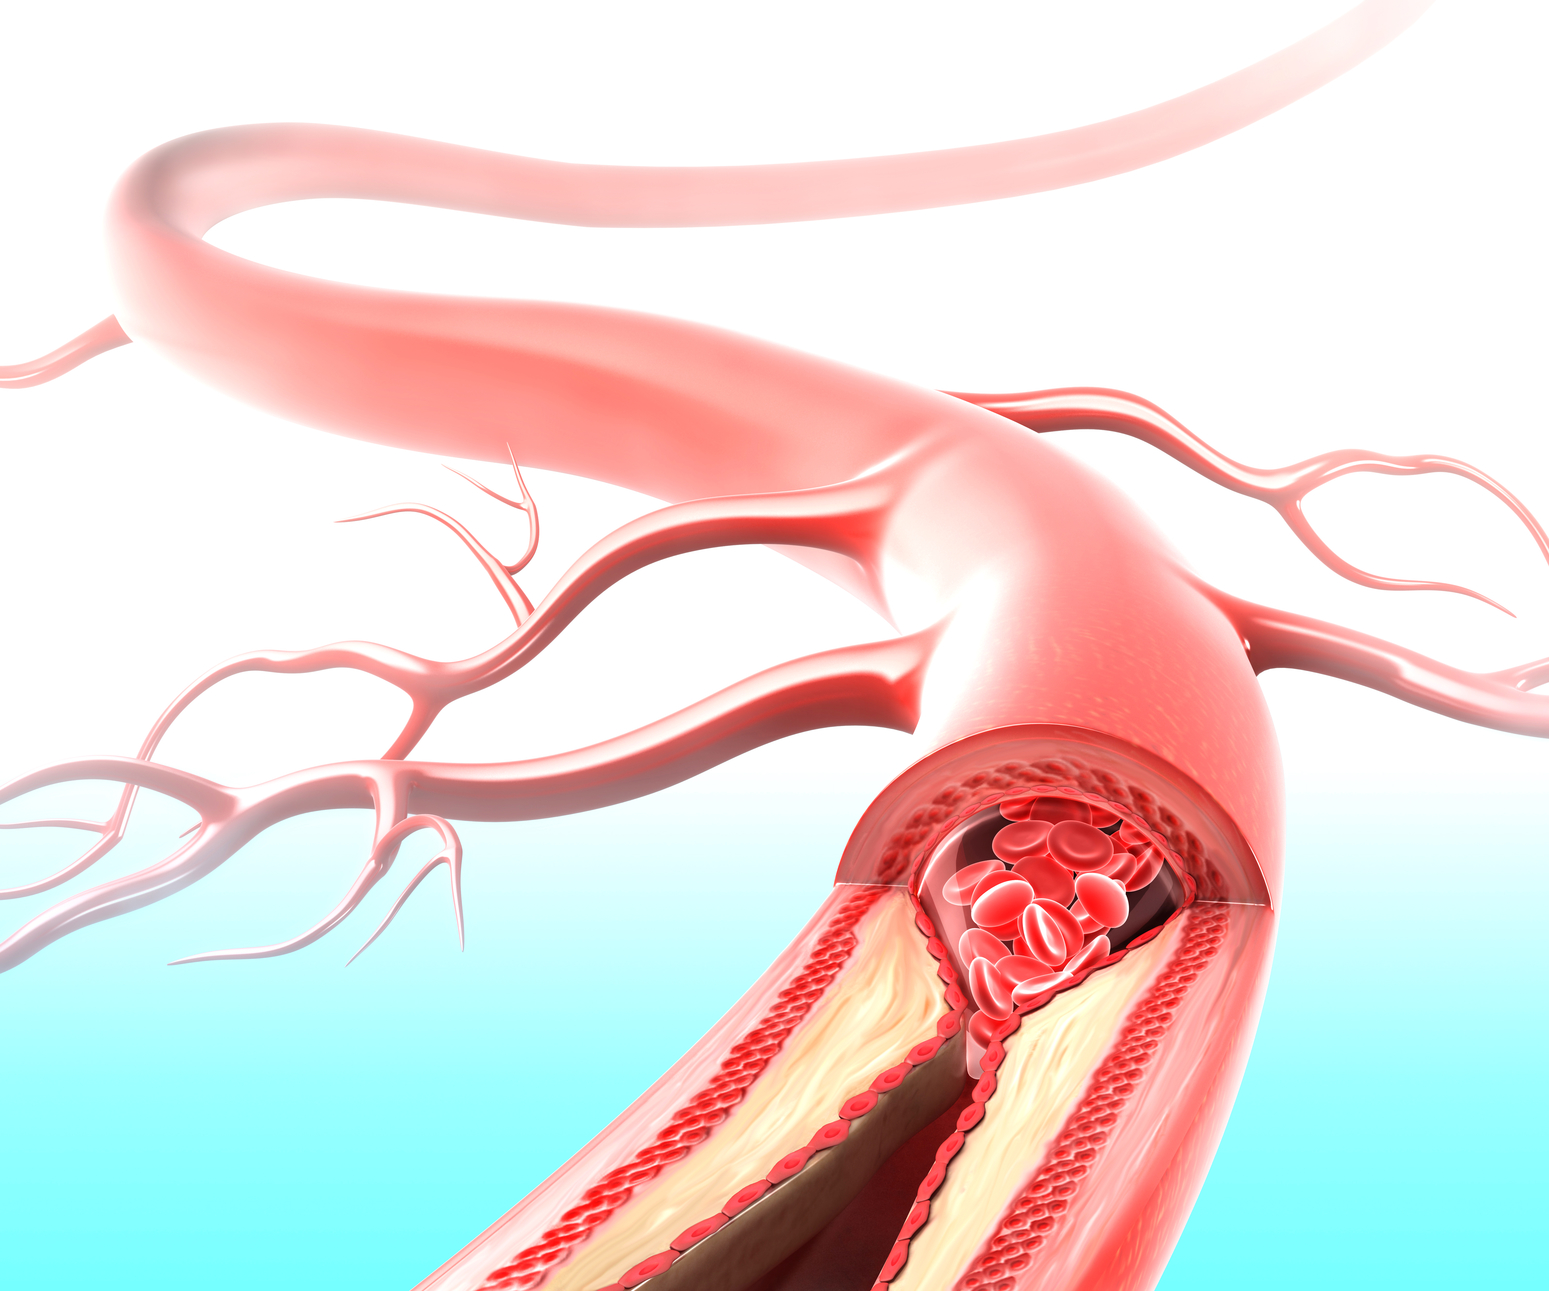 karotidnyy ateroskleroz 1 09075250